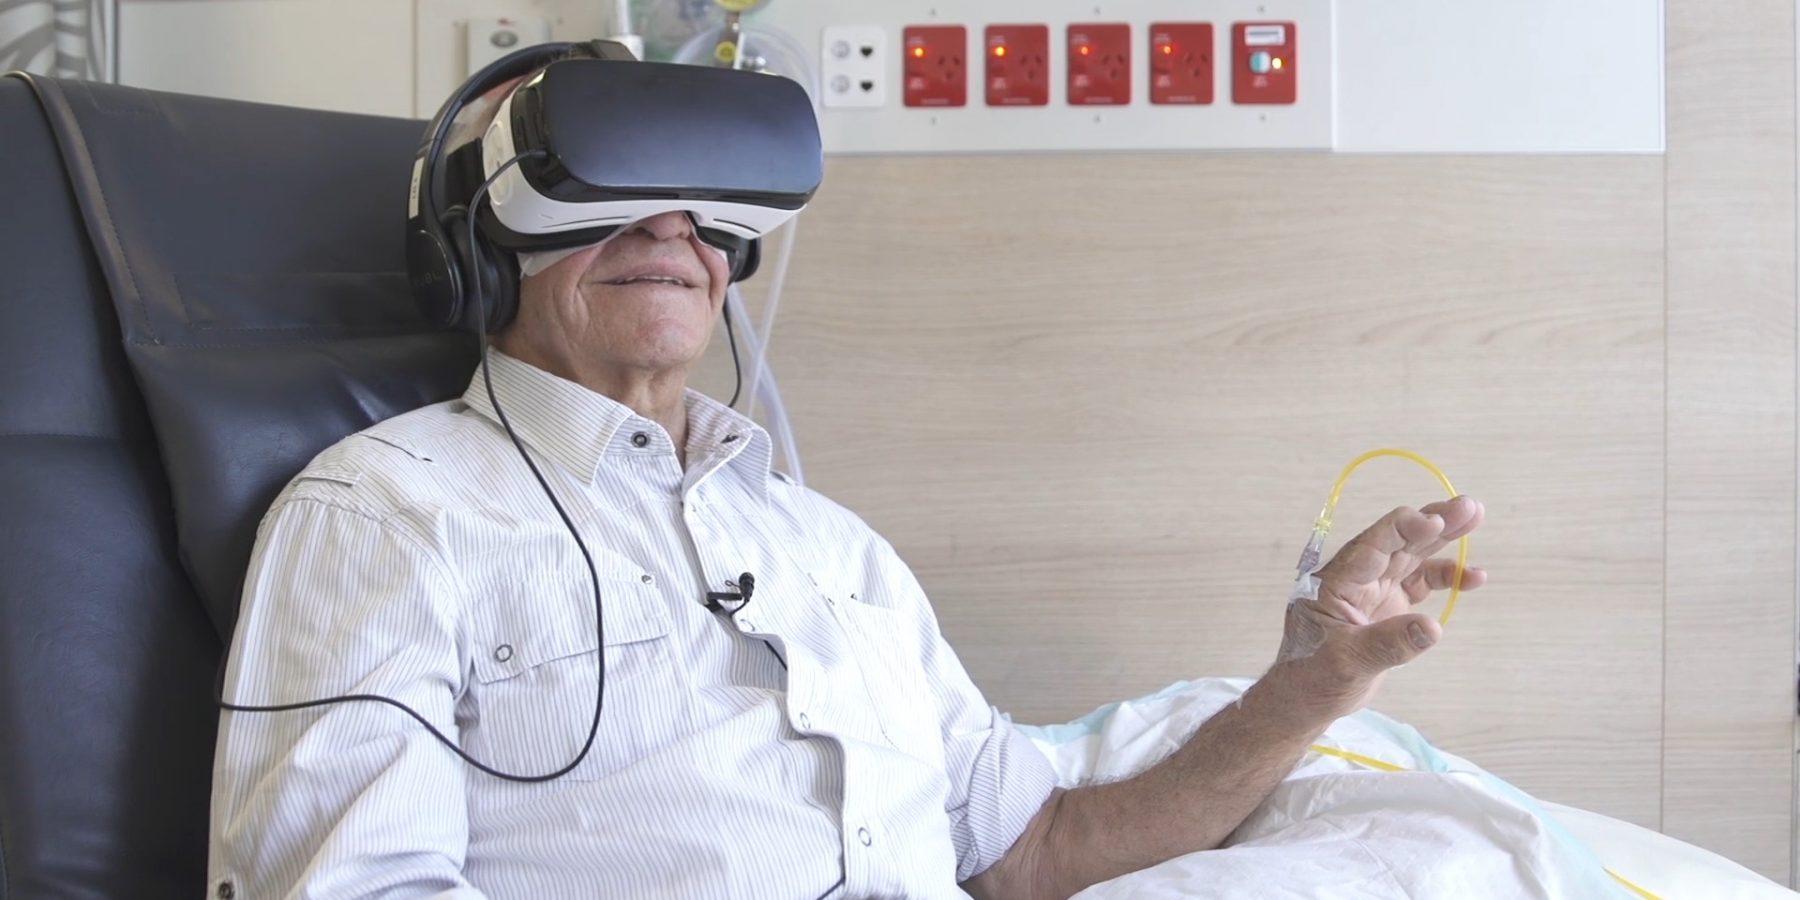 治療のストレスを軽減。ベッドの上から旅先へ患者をいざなうVR